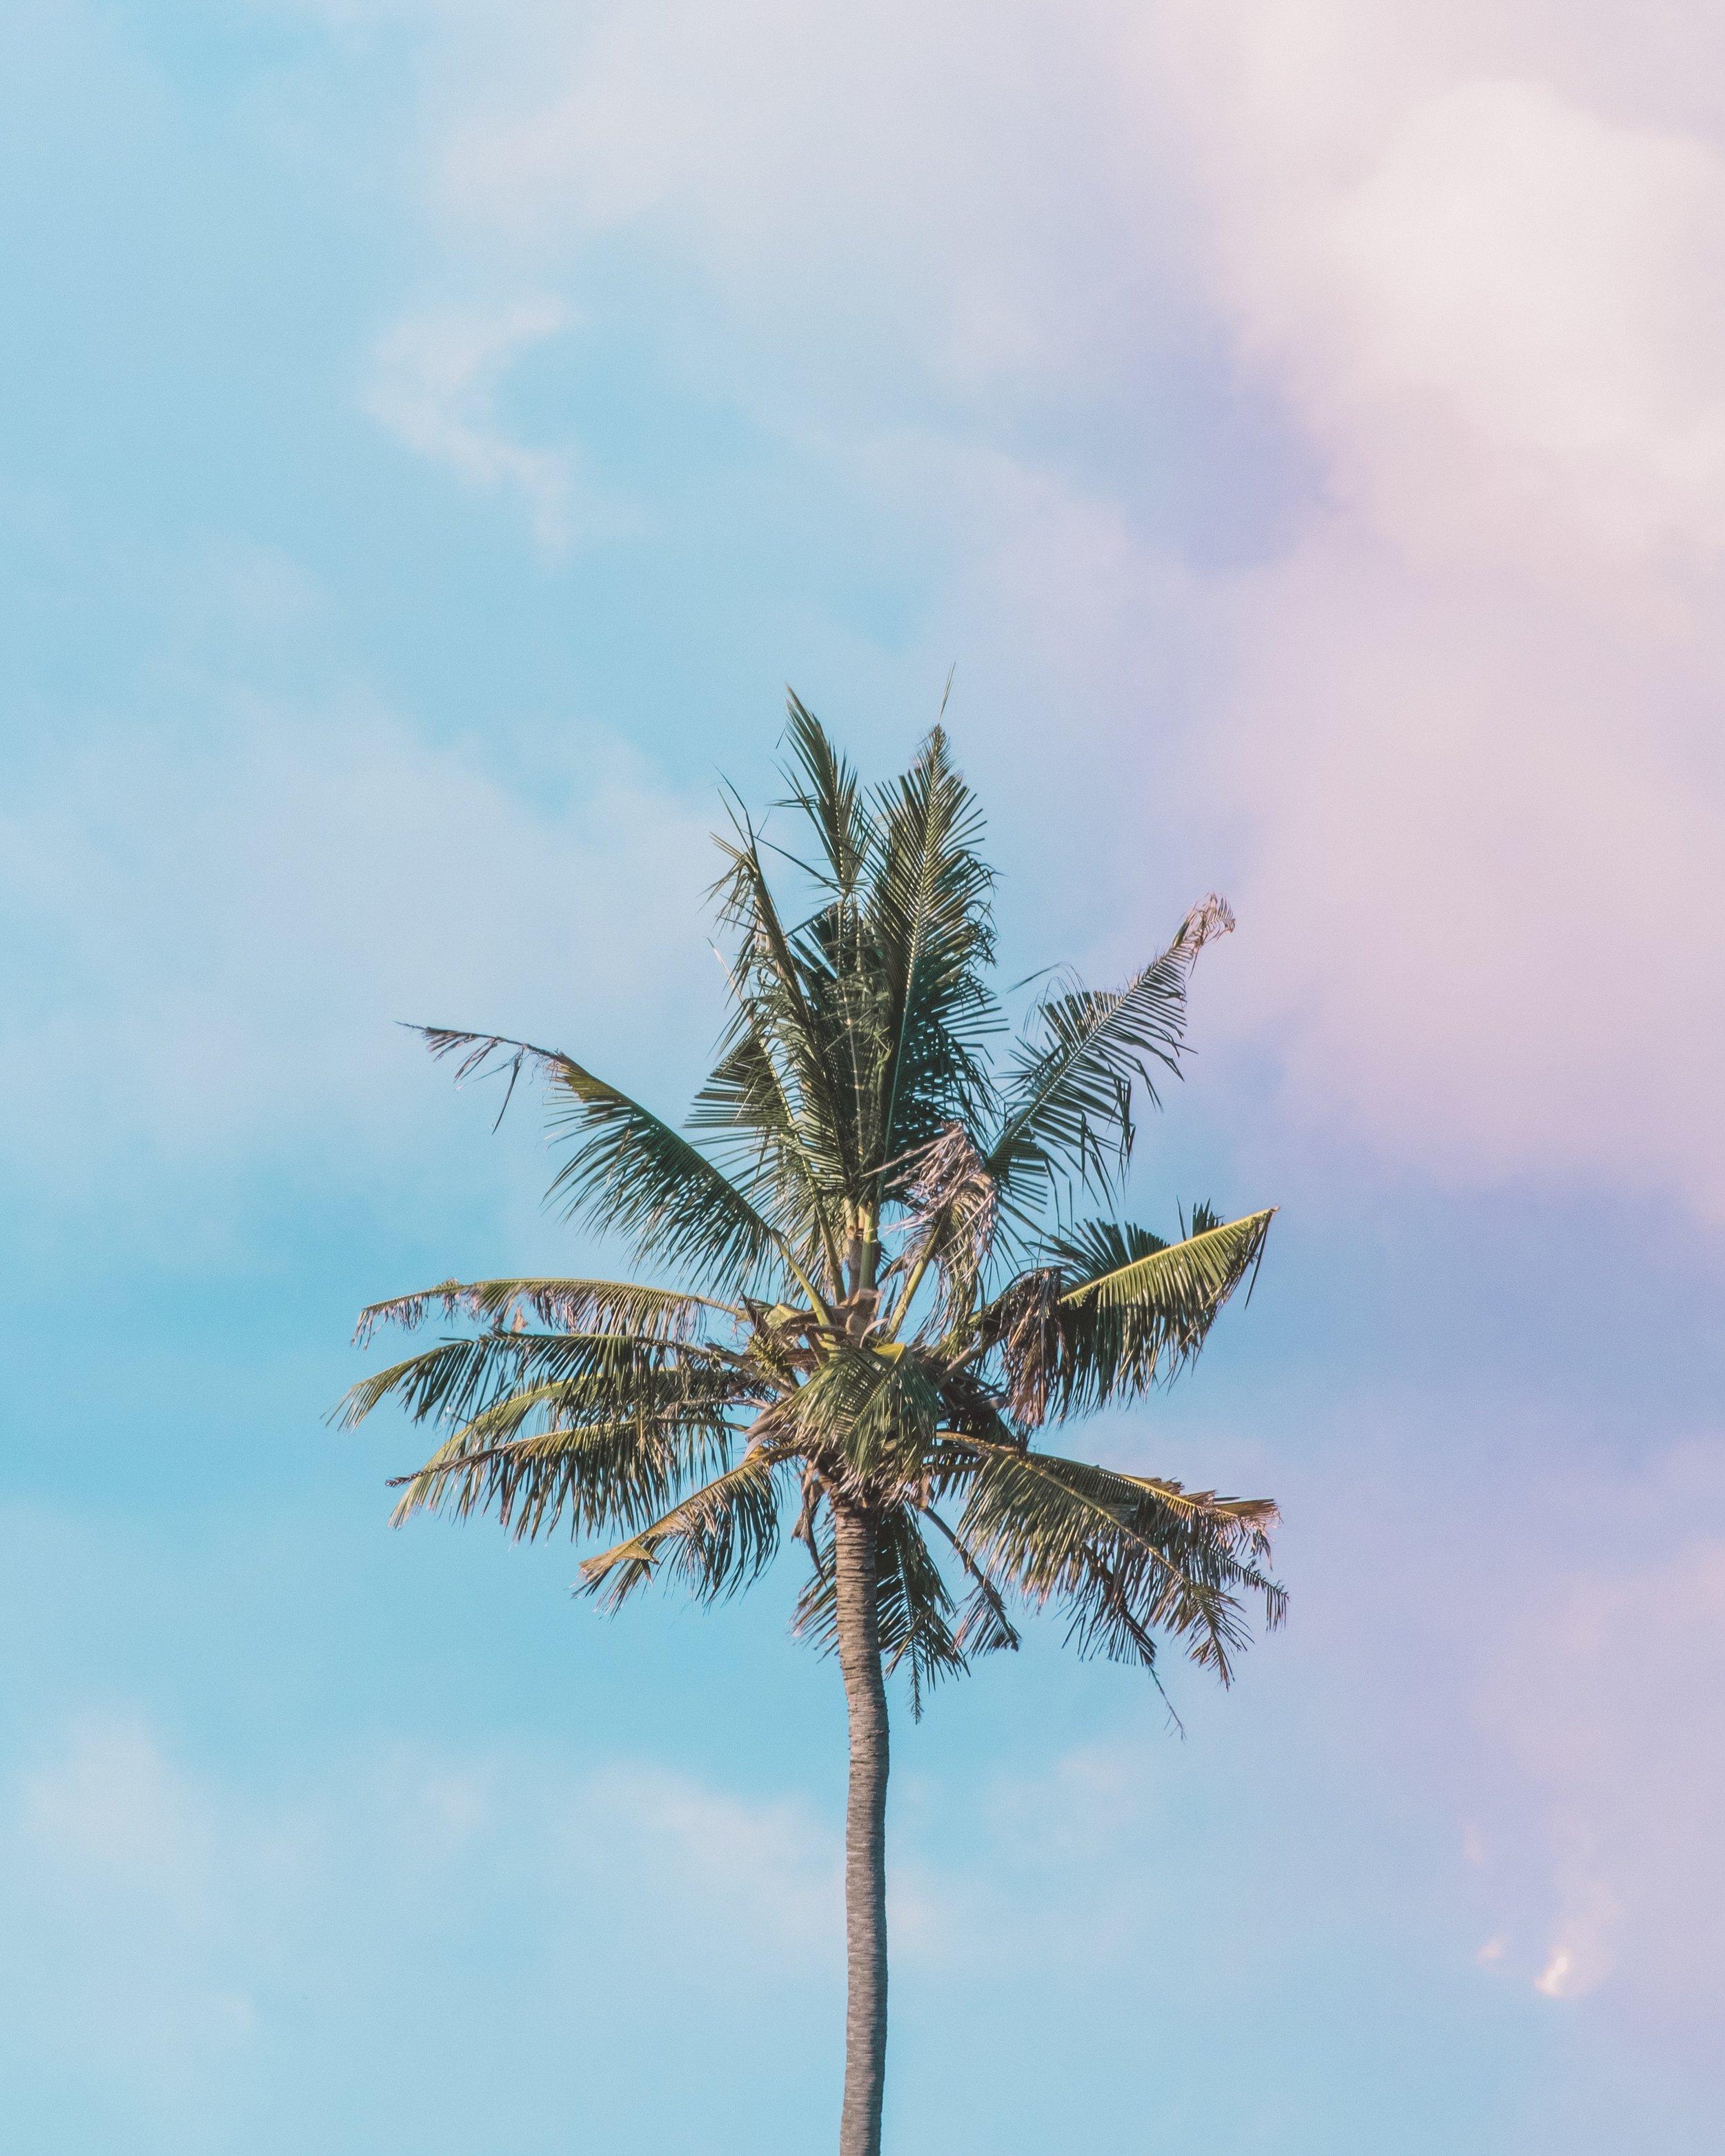 Palmtree-0200.JPG